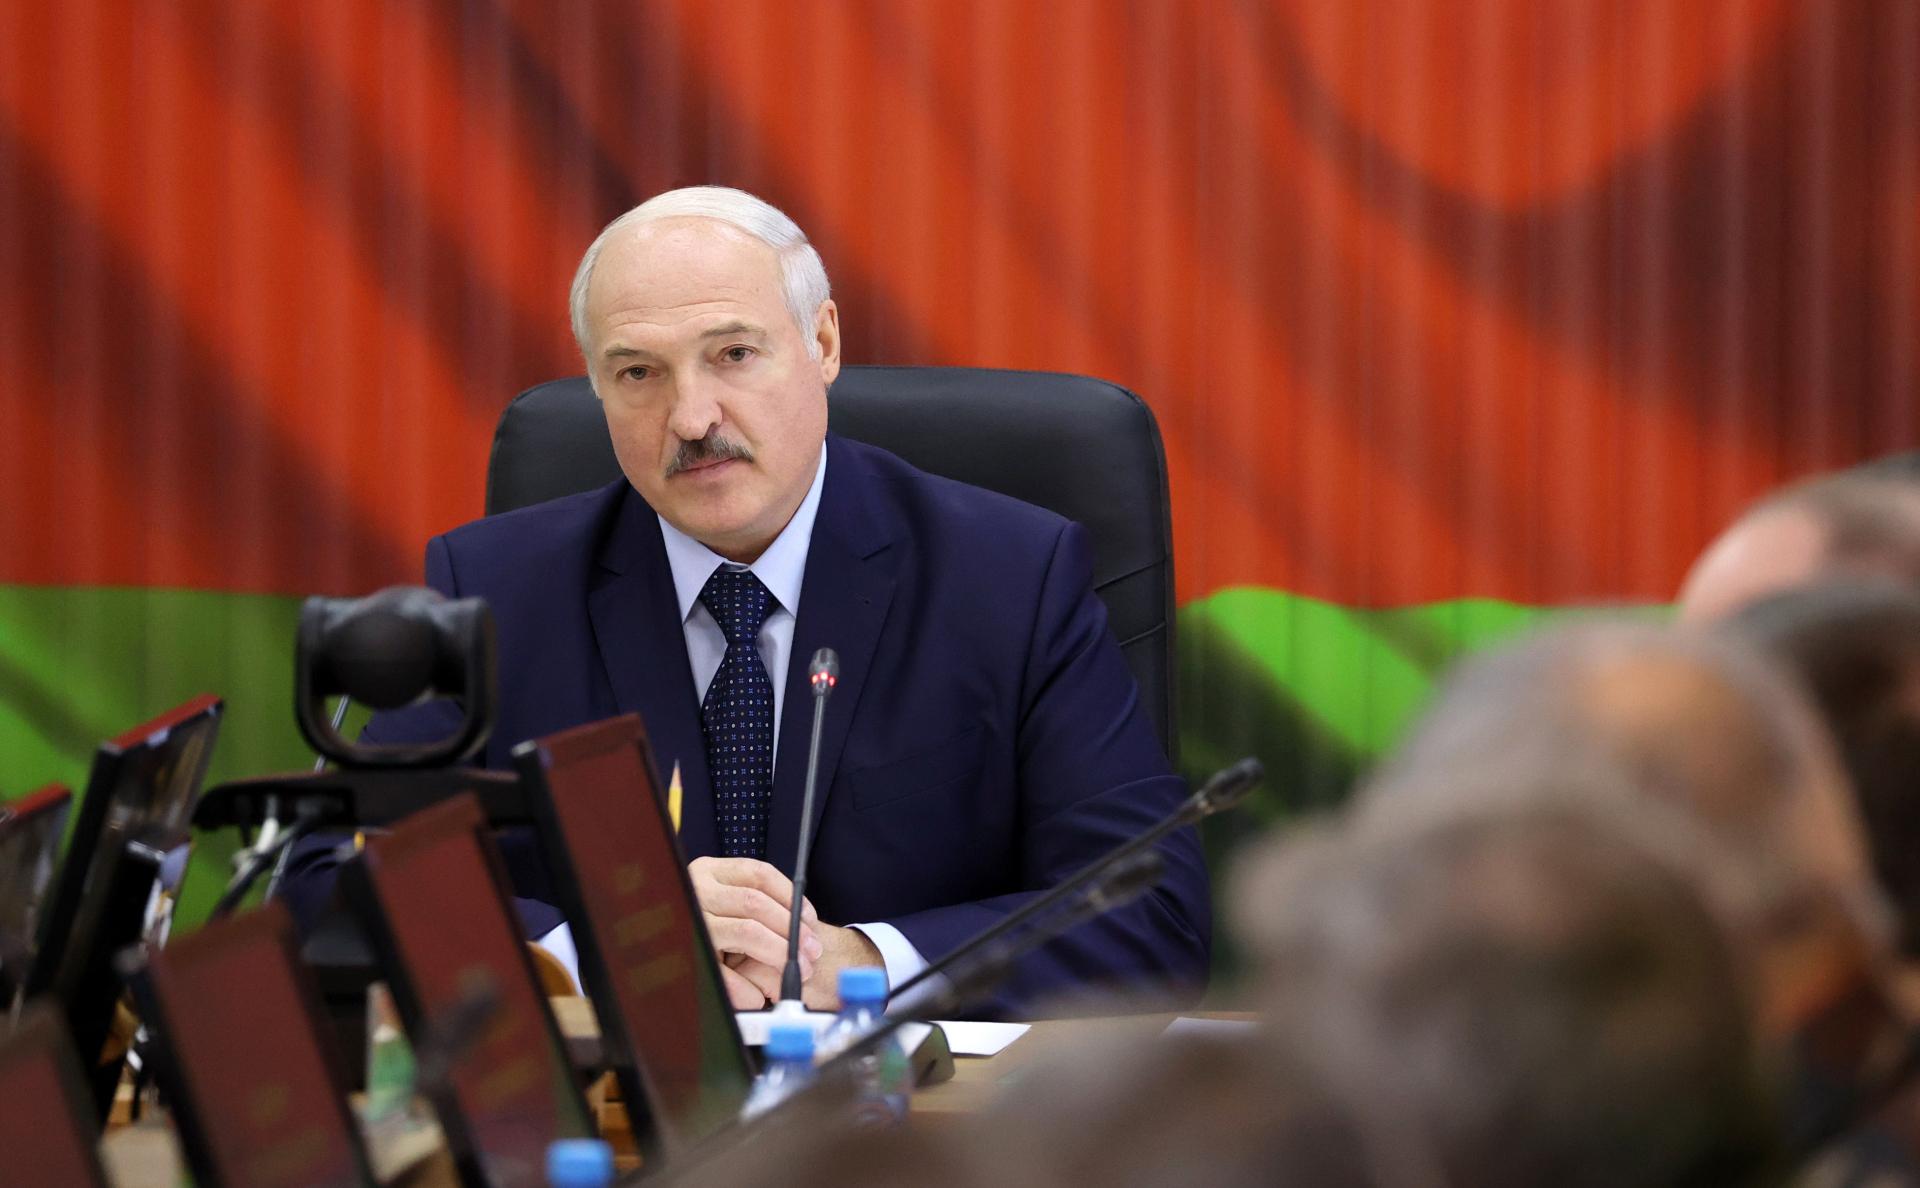 Фото:Андрей Стасевич / БелТА / ТАСС